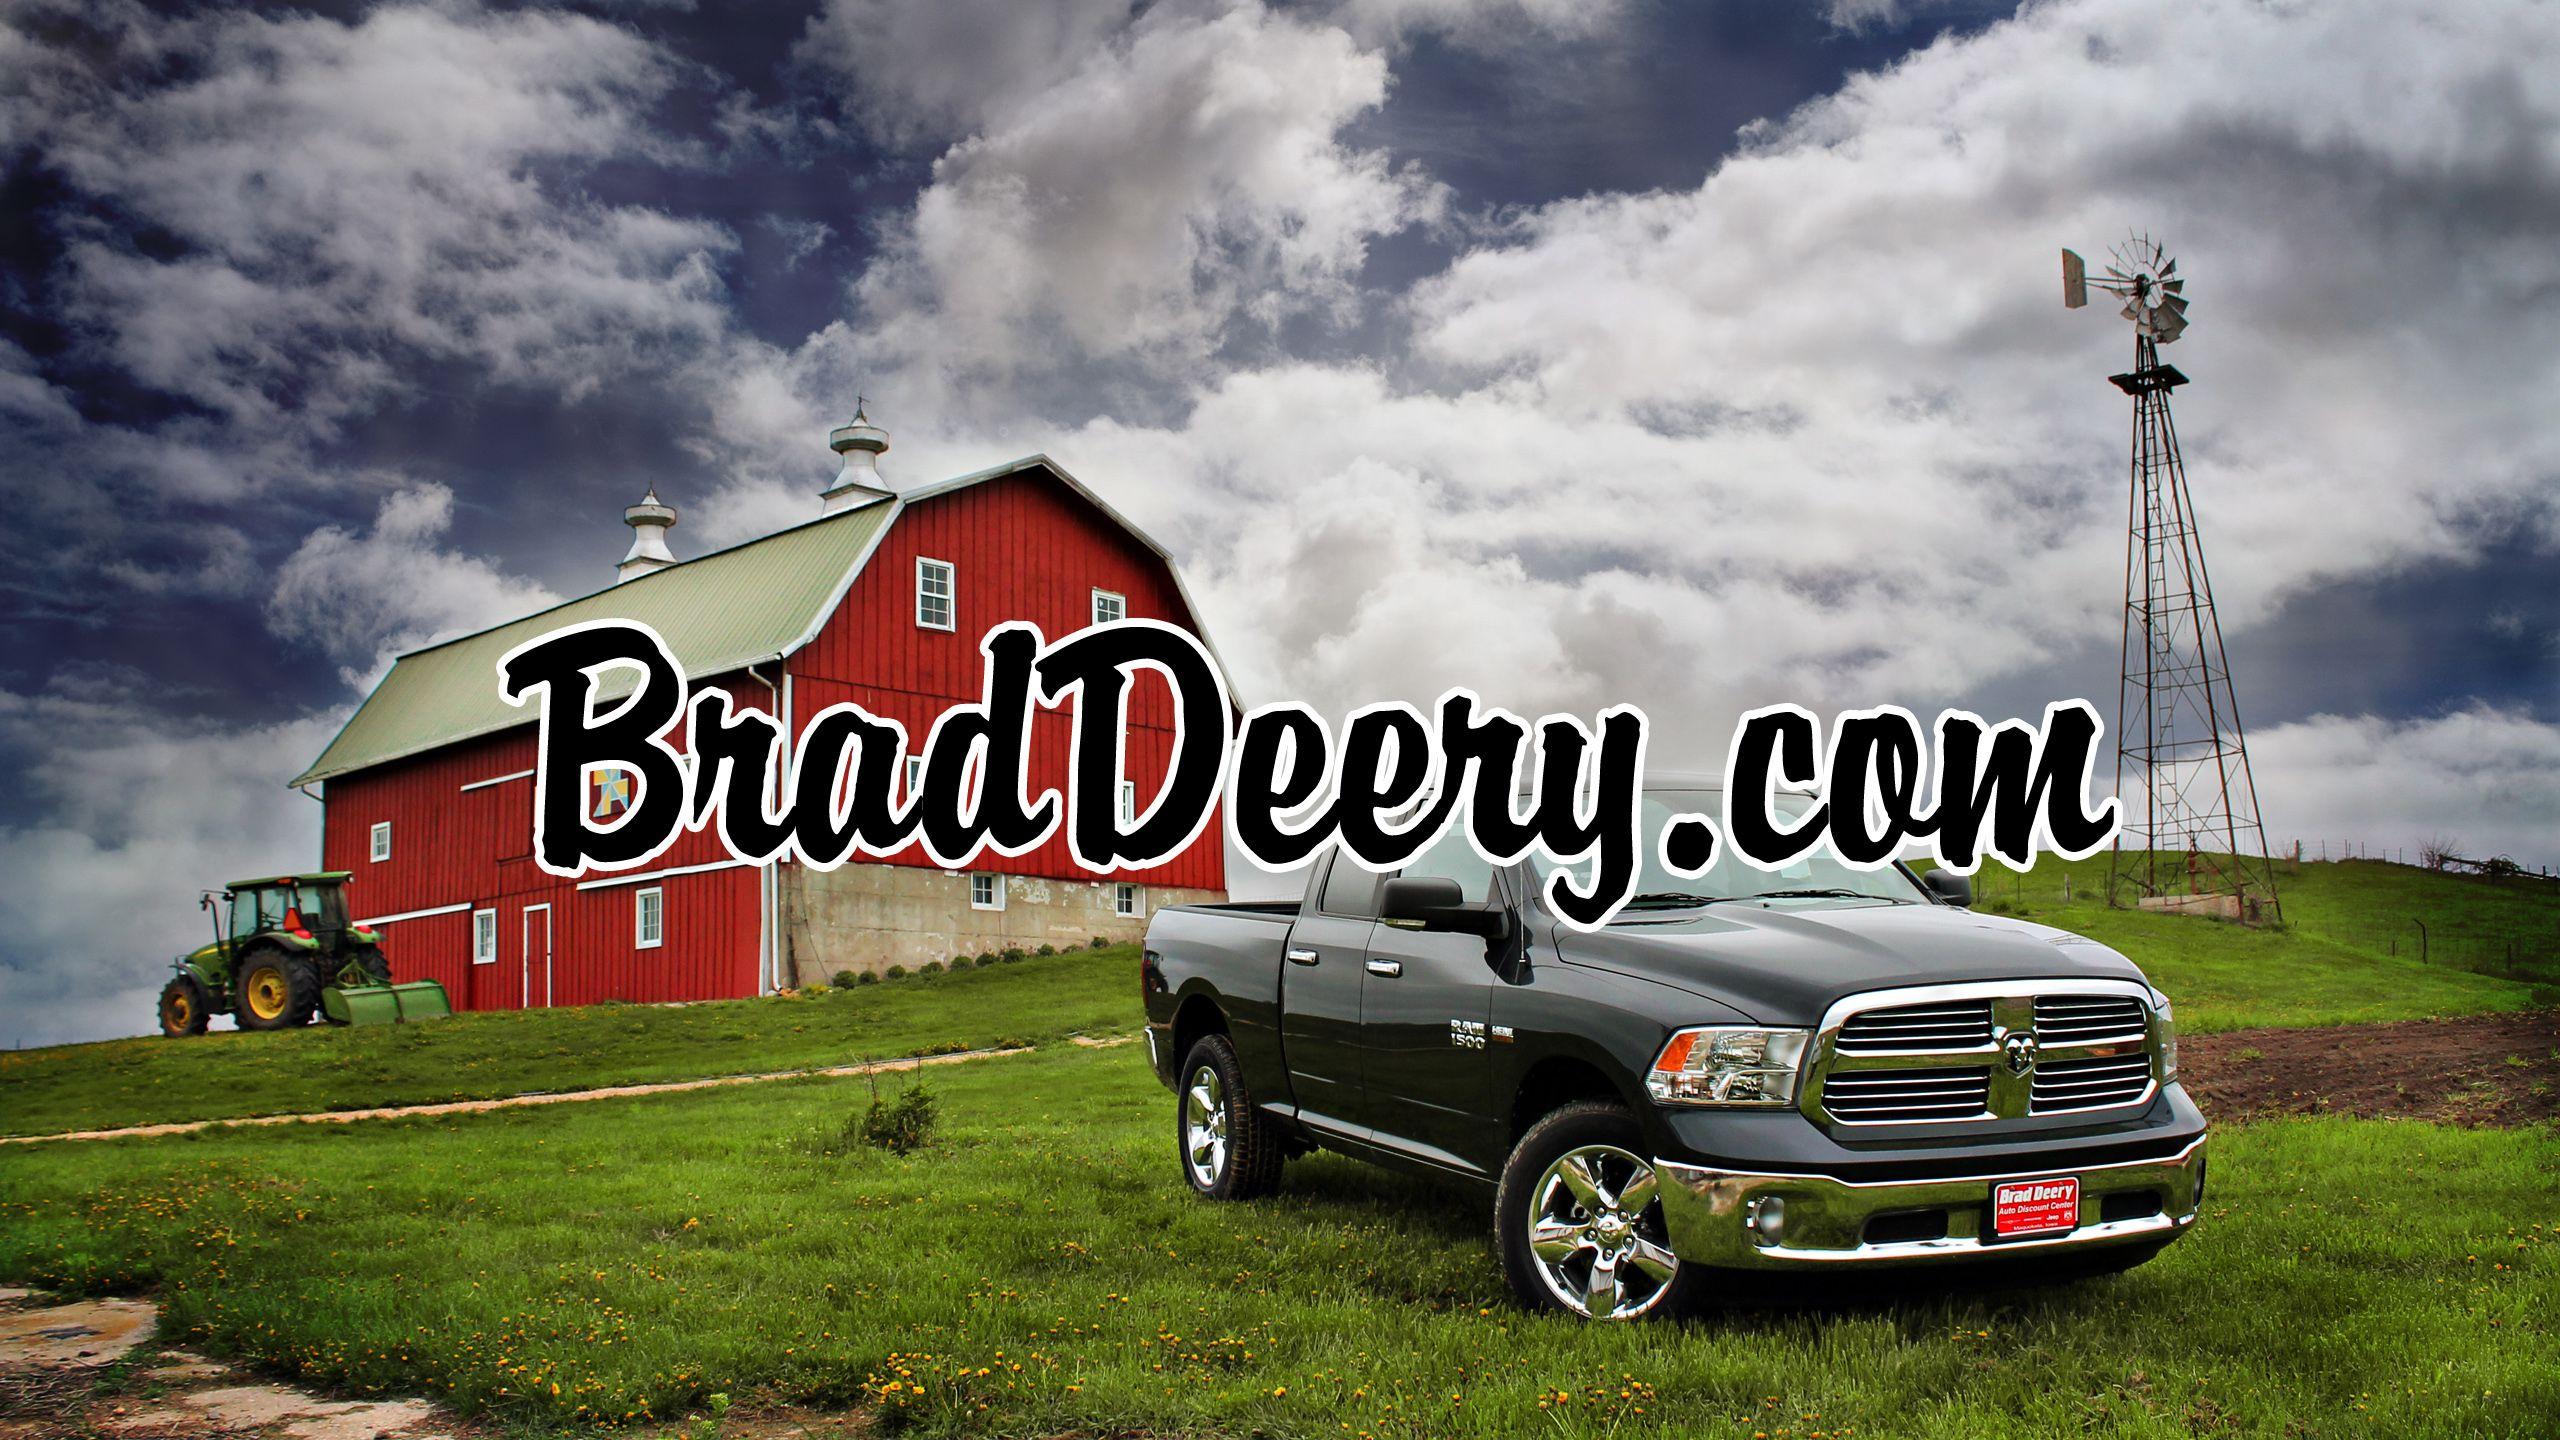 Brad Deery in Maquoketa, IA New trucks, Pontiac gto